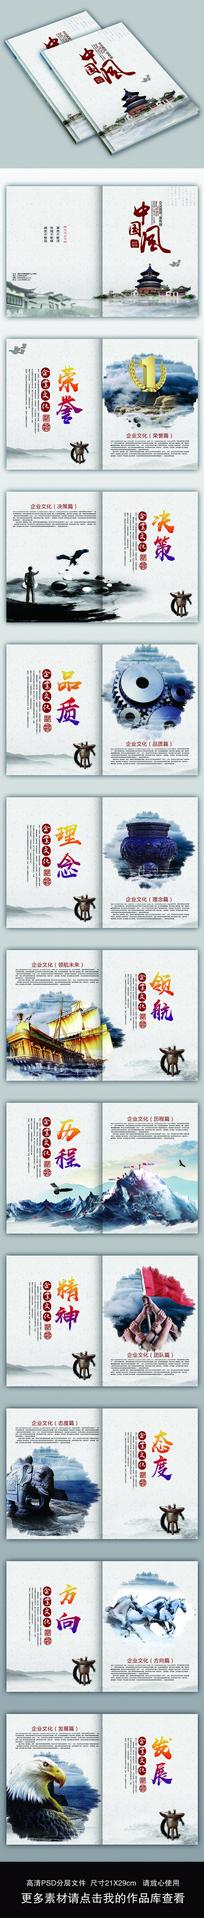 高端大气中国风企业文化画册